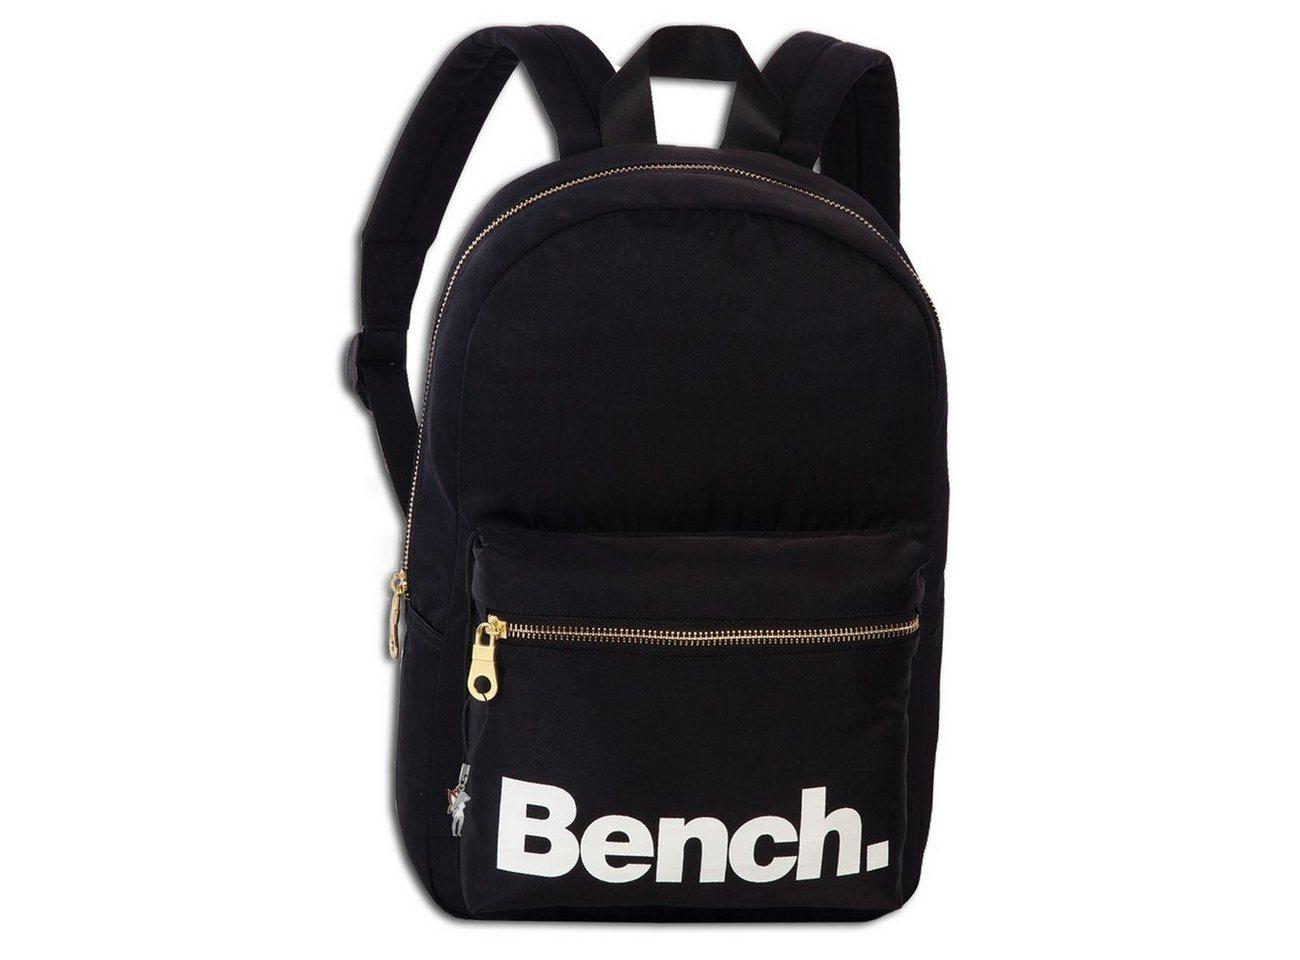 bench. -  Minirucksack »ORI304S Bench kleiner Rucksack schwarz«, Herren, Damen Freizeitrucksack, Sporttasche Nylon, schwarz